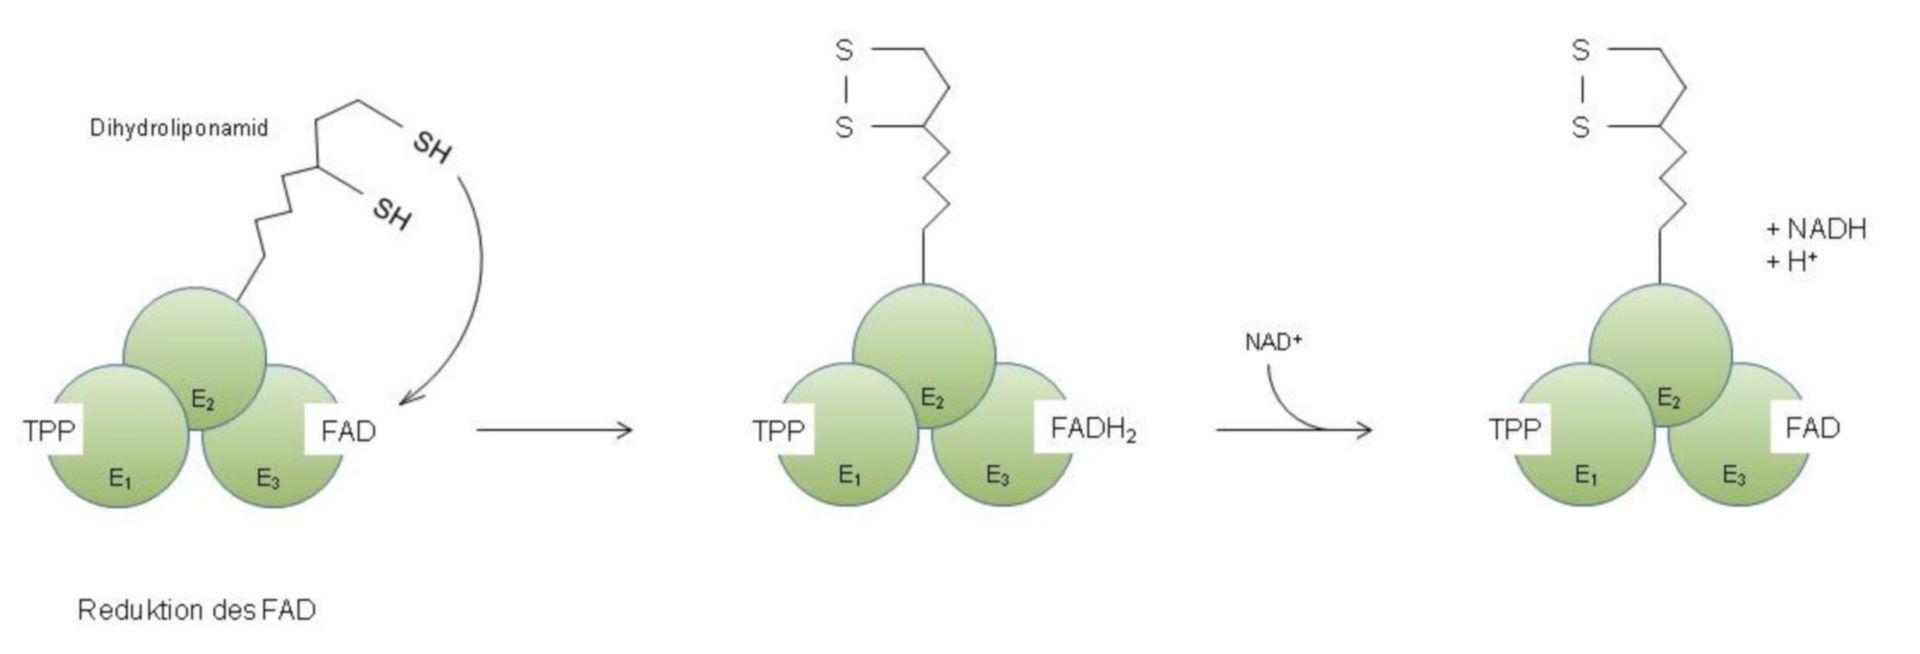 Regeneración del enlace disulfuro en amida lipoico y formación de NADH